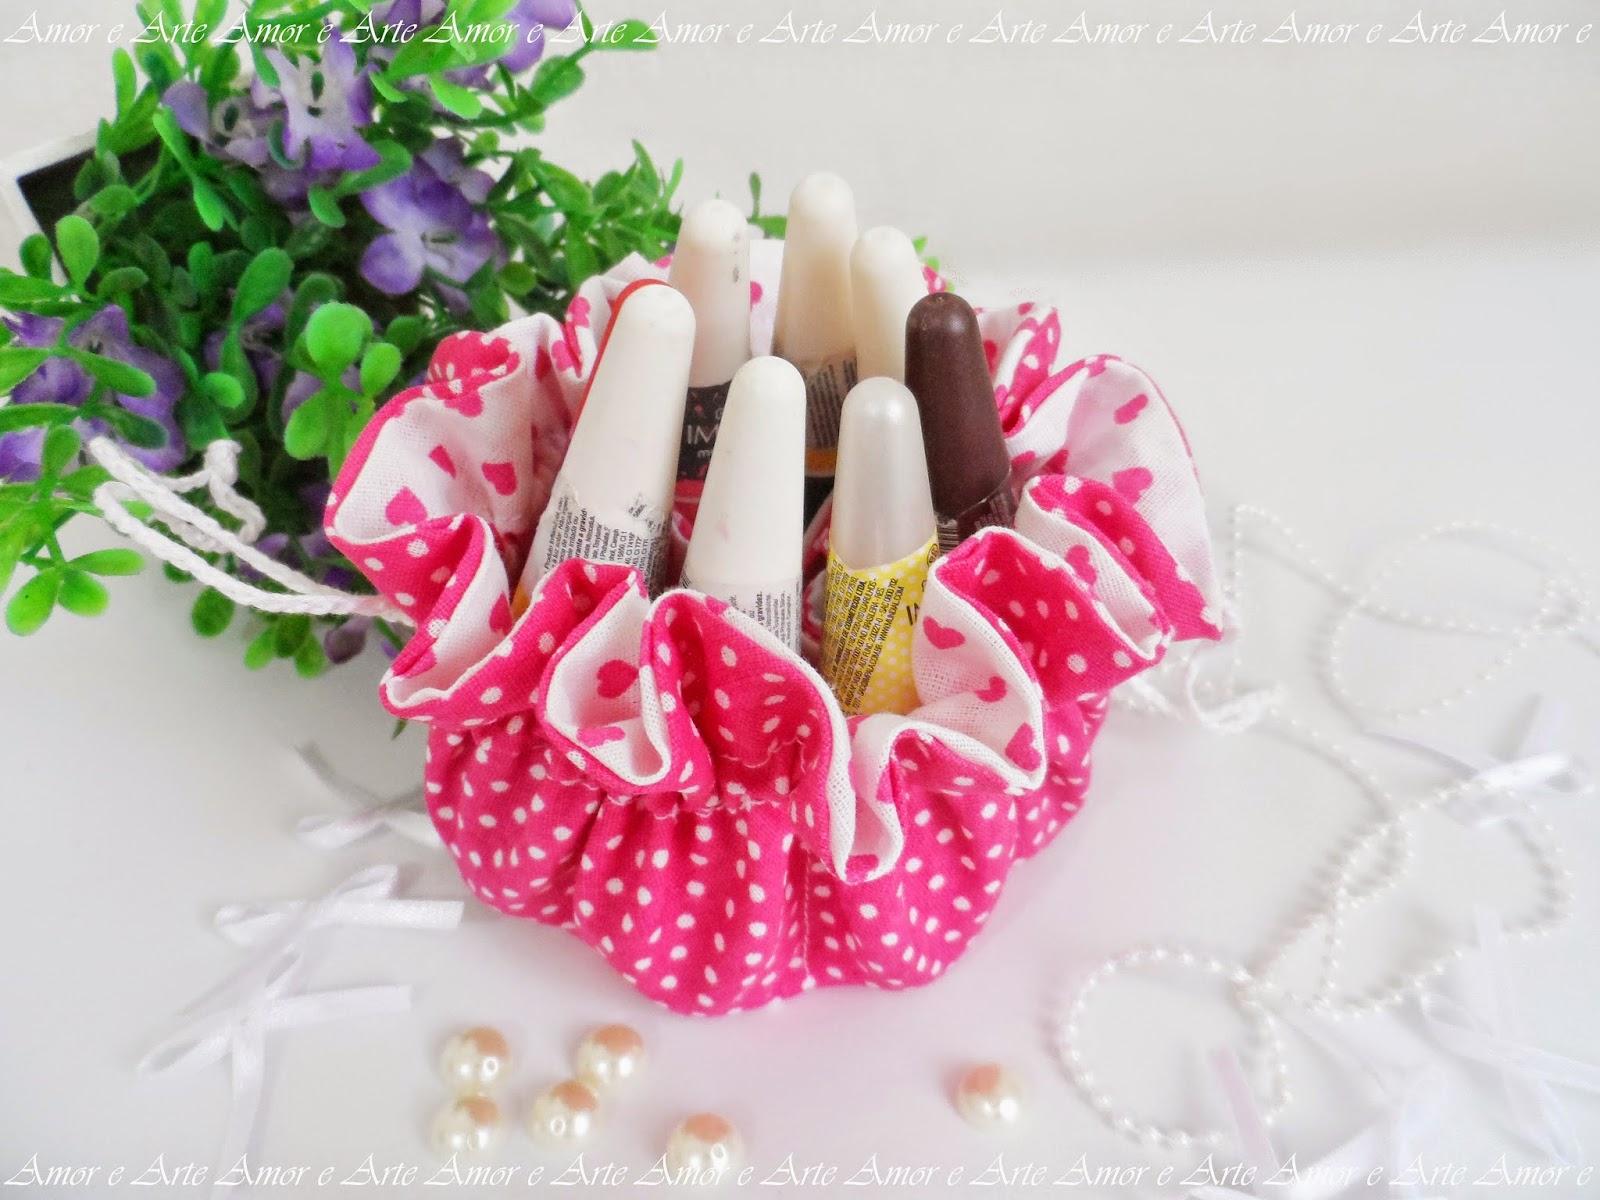 Bolsinha de tecido com divisórias, rosa e branco